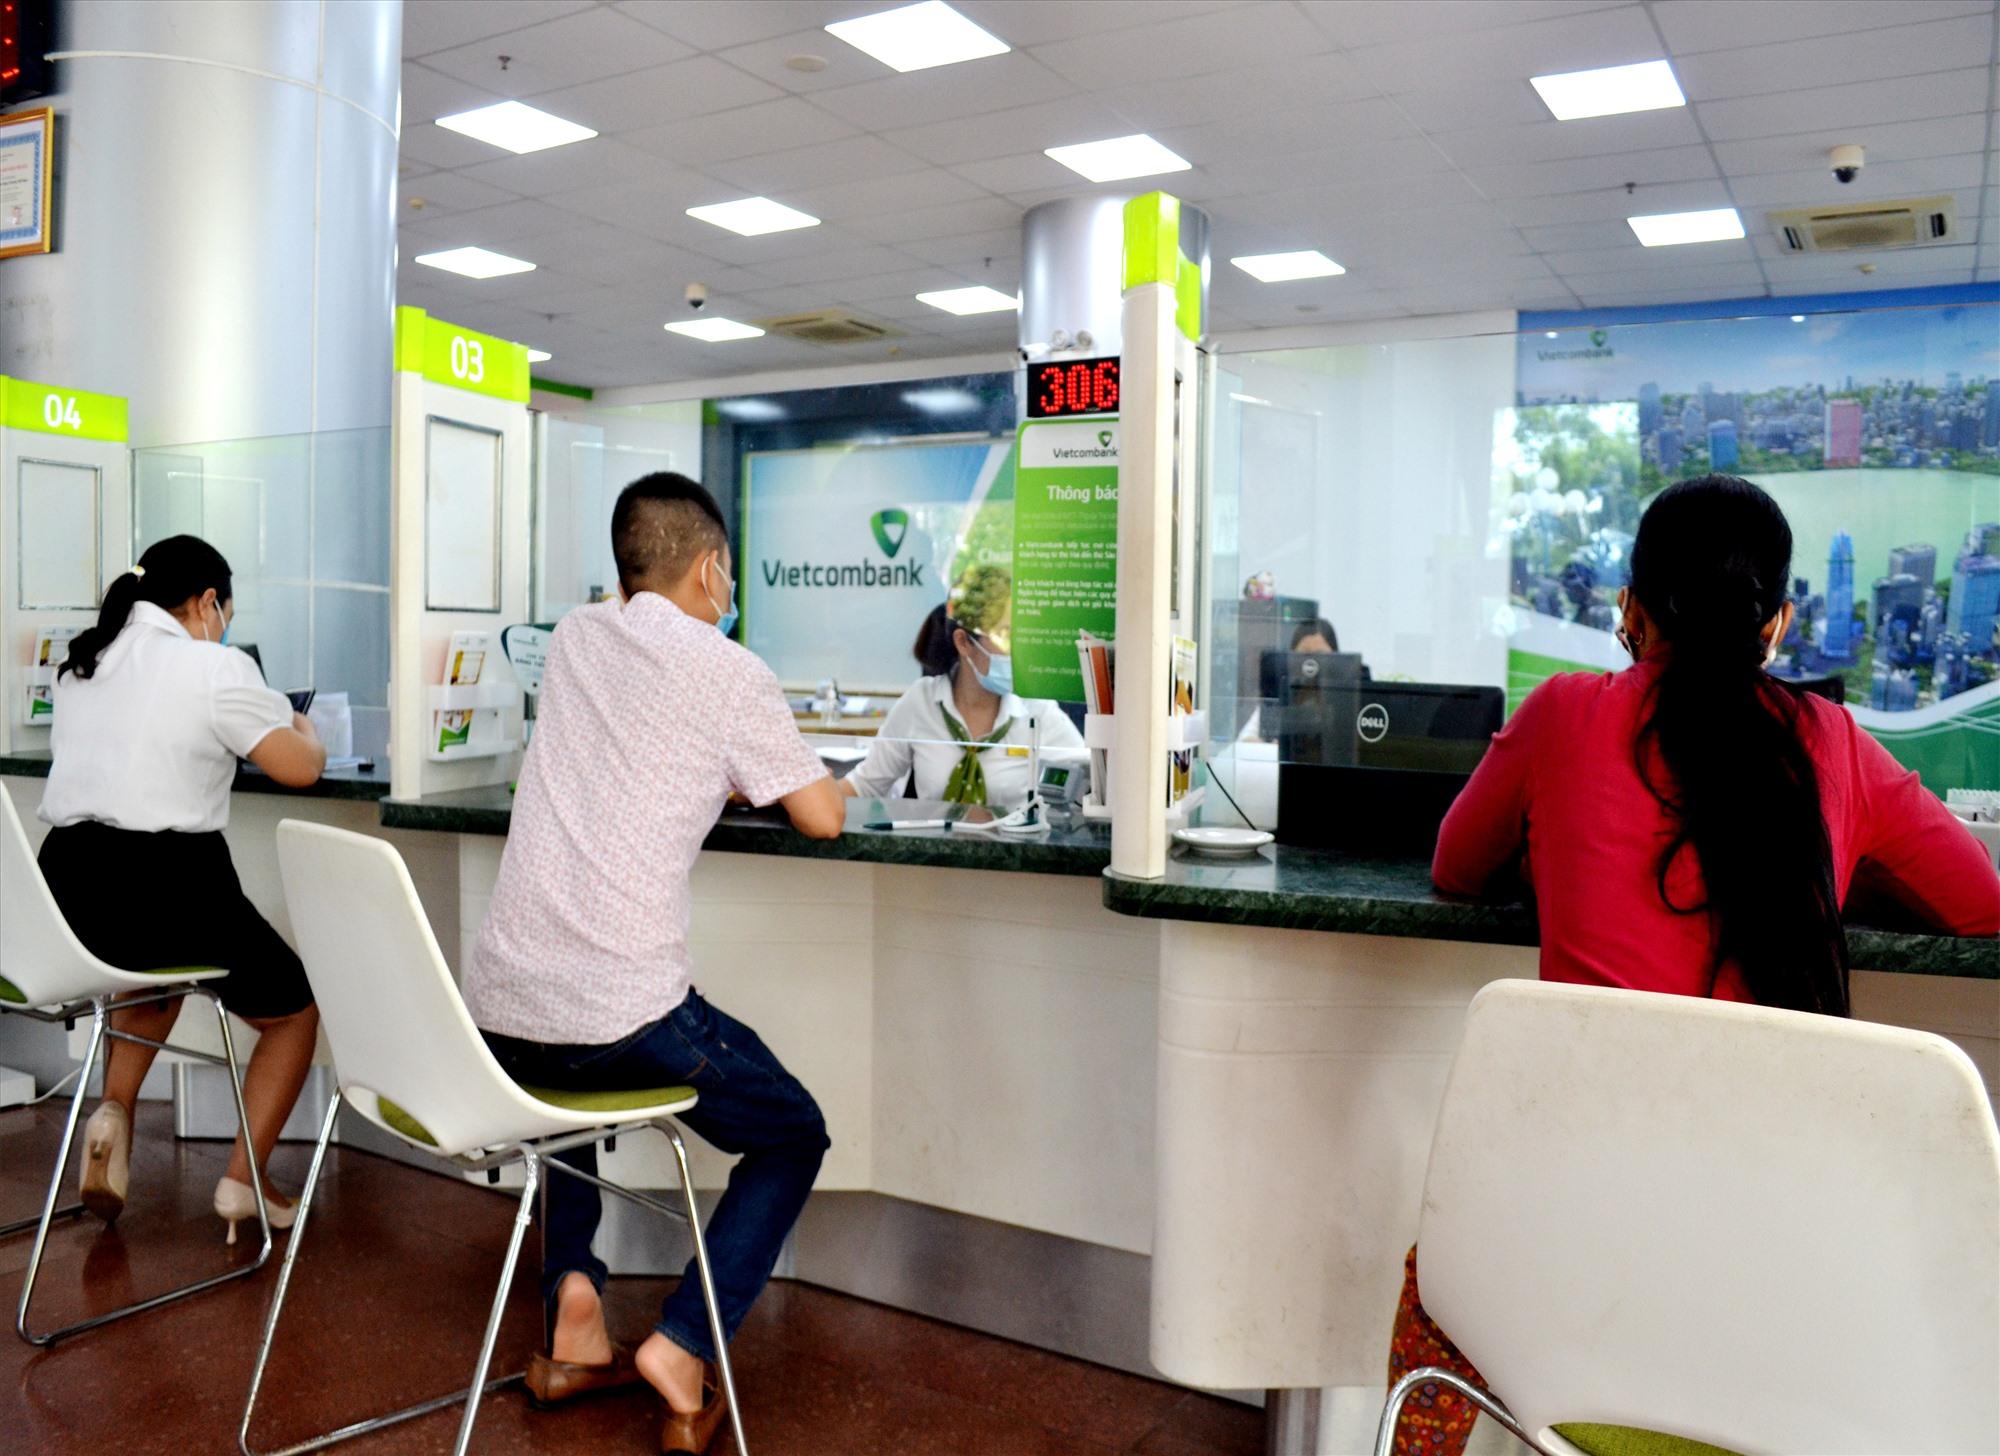 Khách hàng giao dịch ngân hàng tại Vietcombank chi nhánh Quảng Nam. Ảnh: VIỆT NGUYỄN